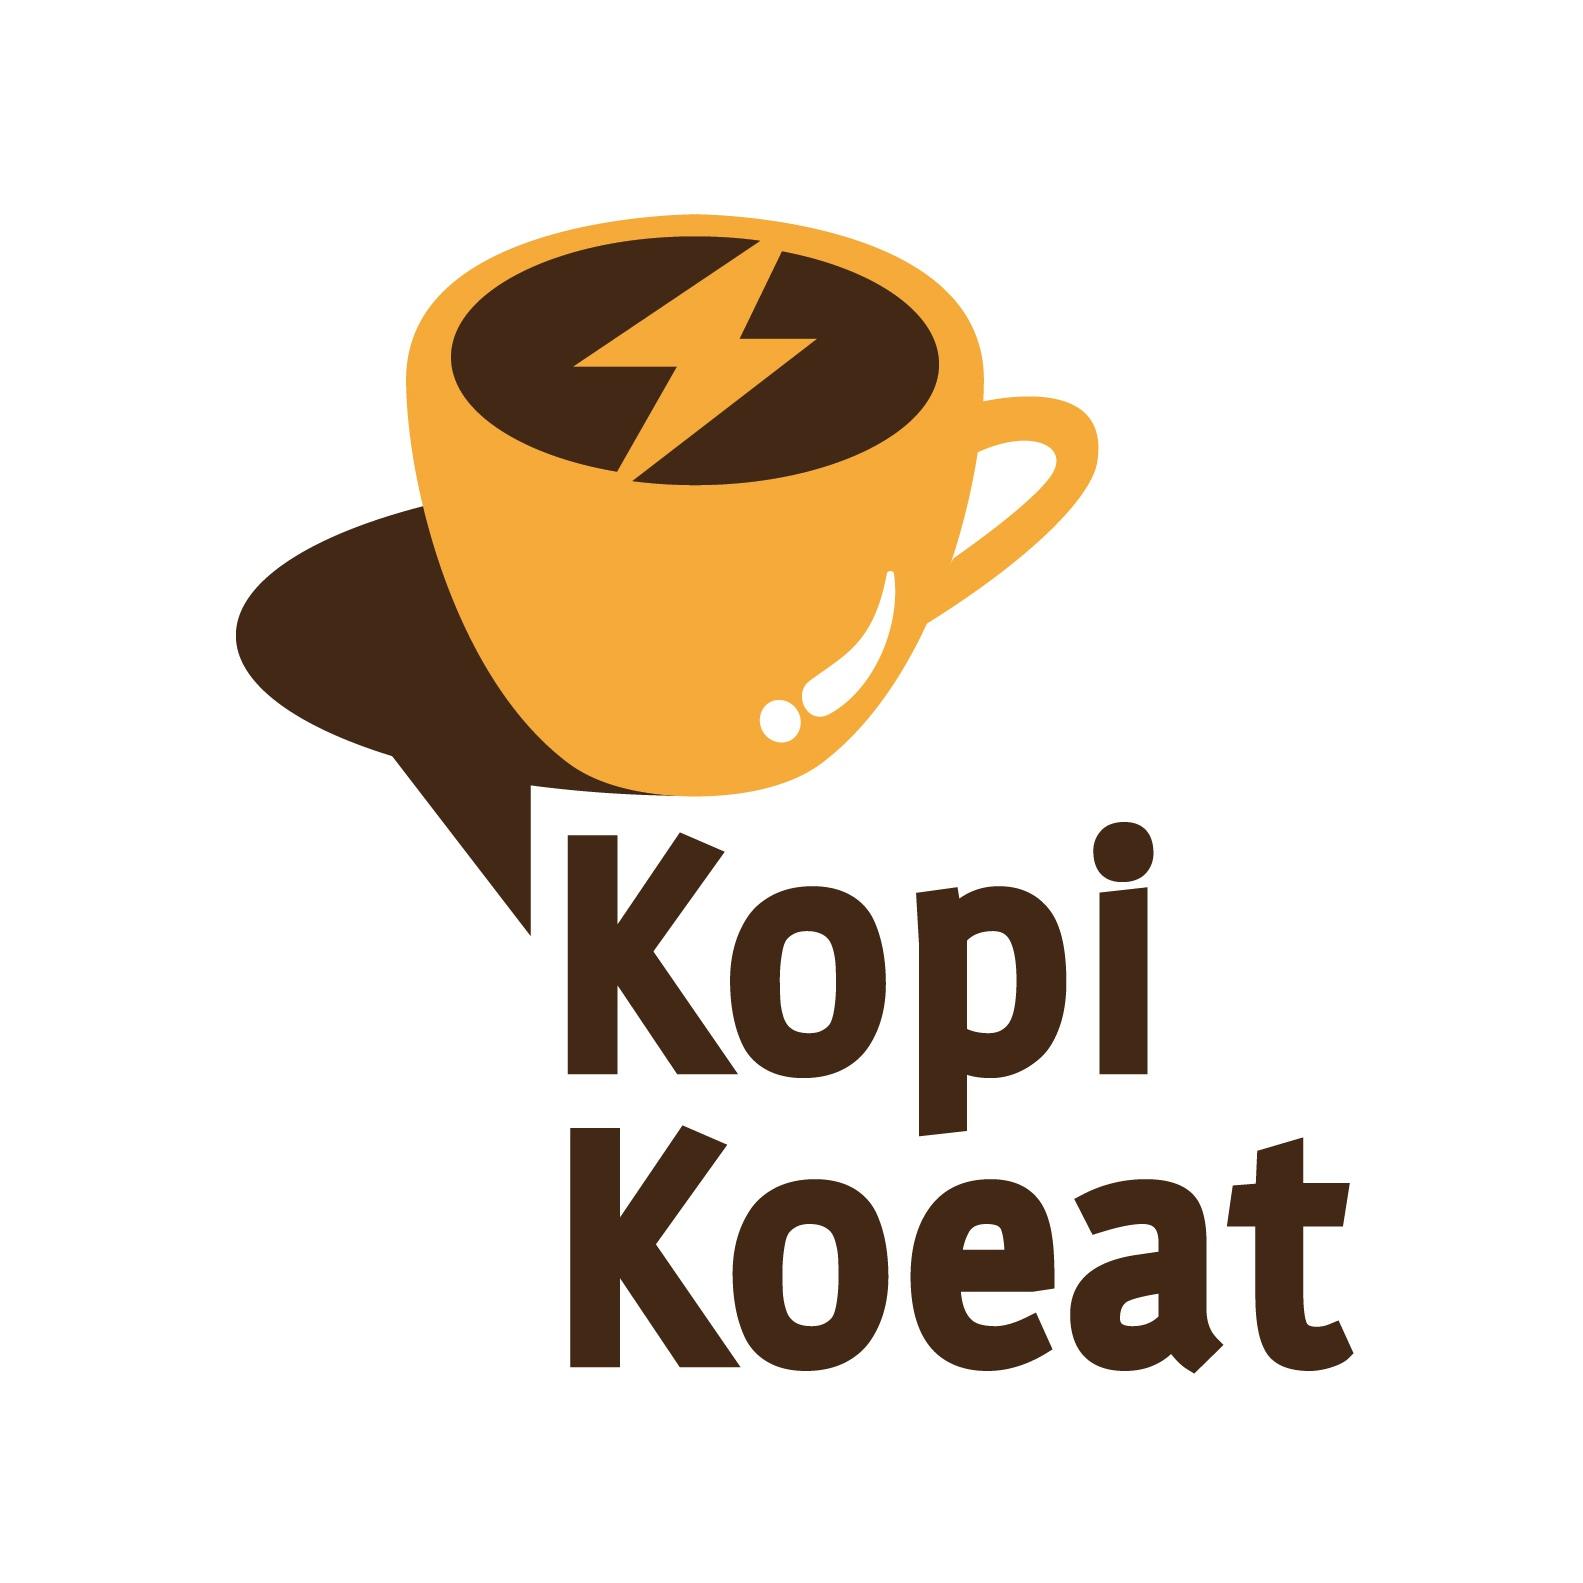 Kopi Koeat